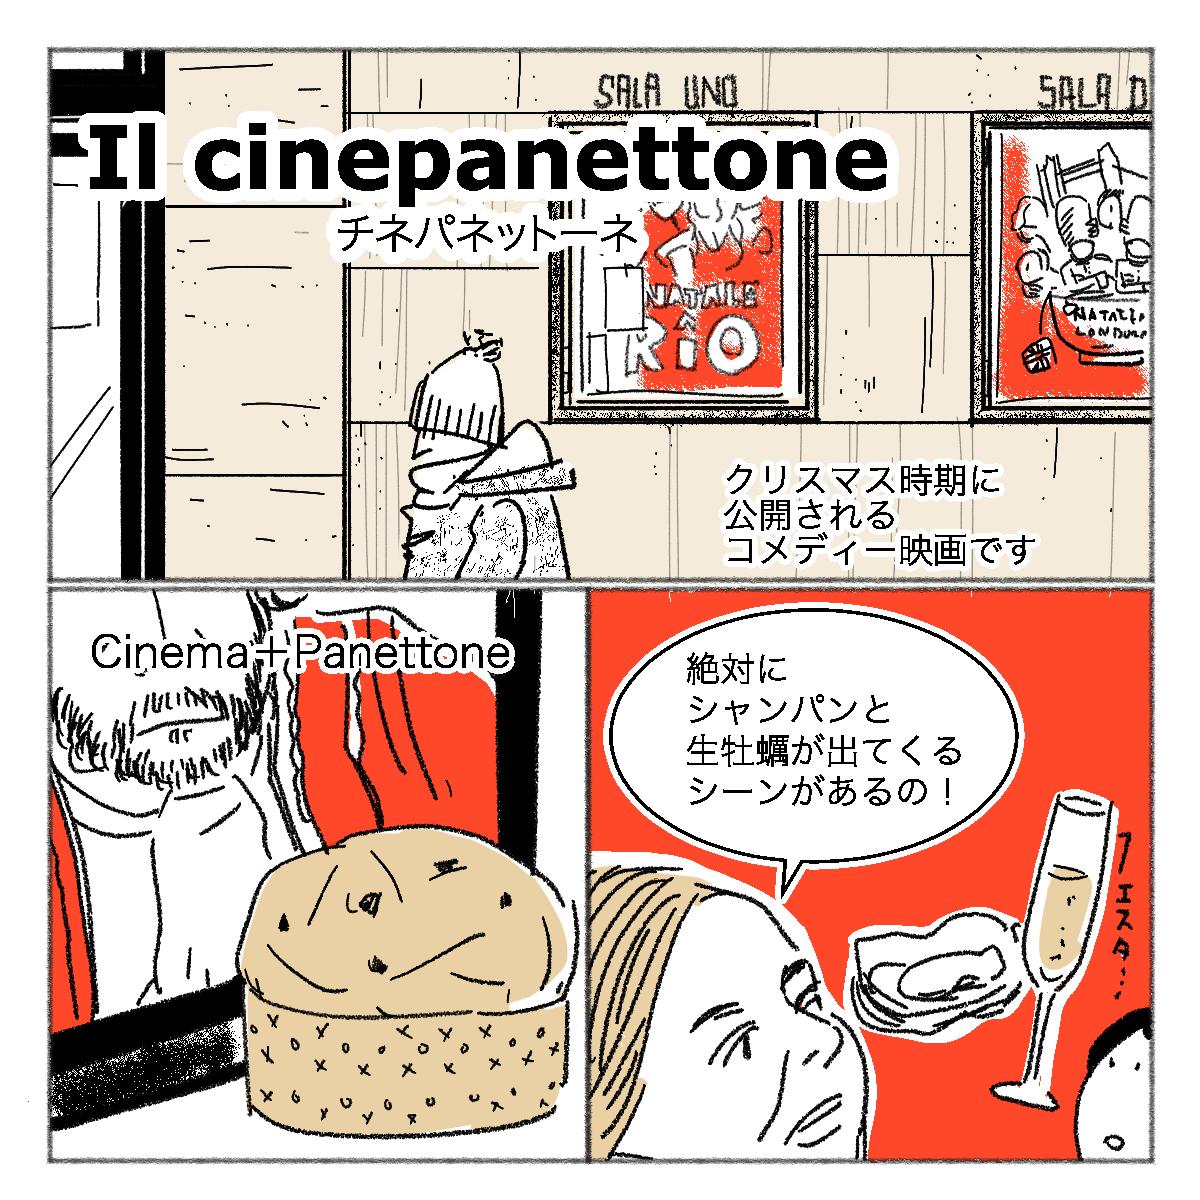 イタリアのクリスマス時季に毎年公開される映画をチネパネットーネといいます